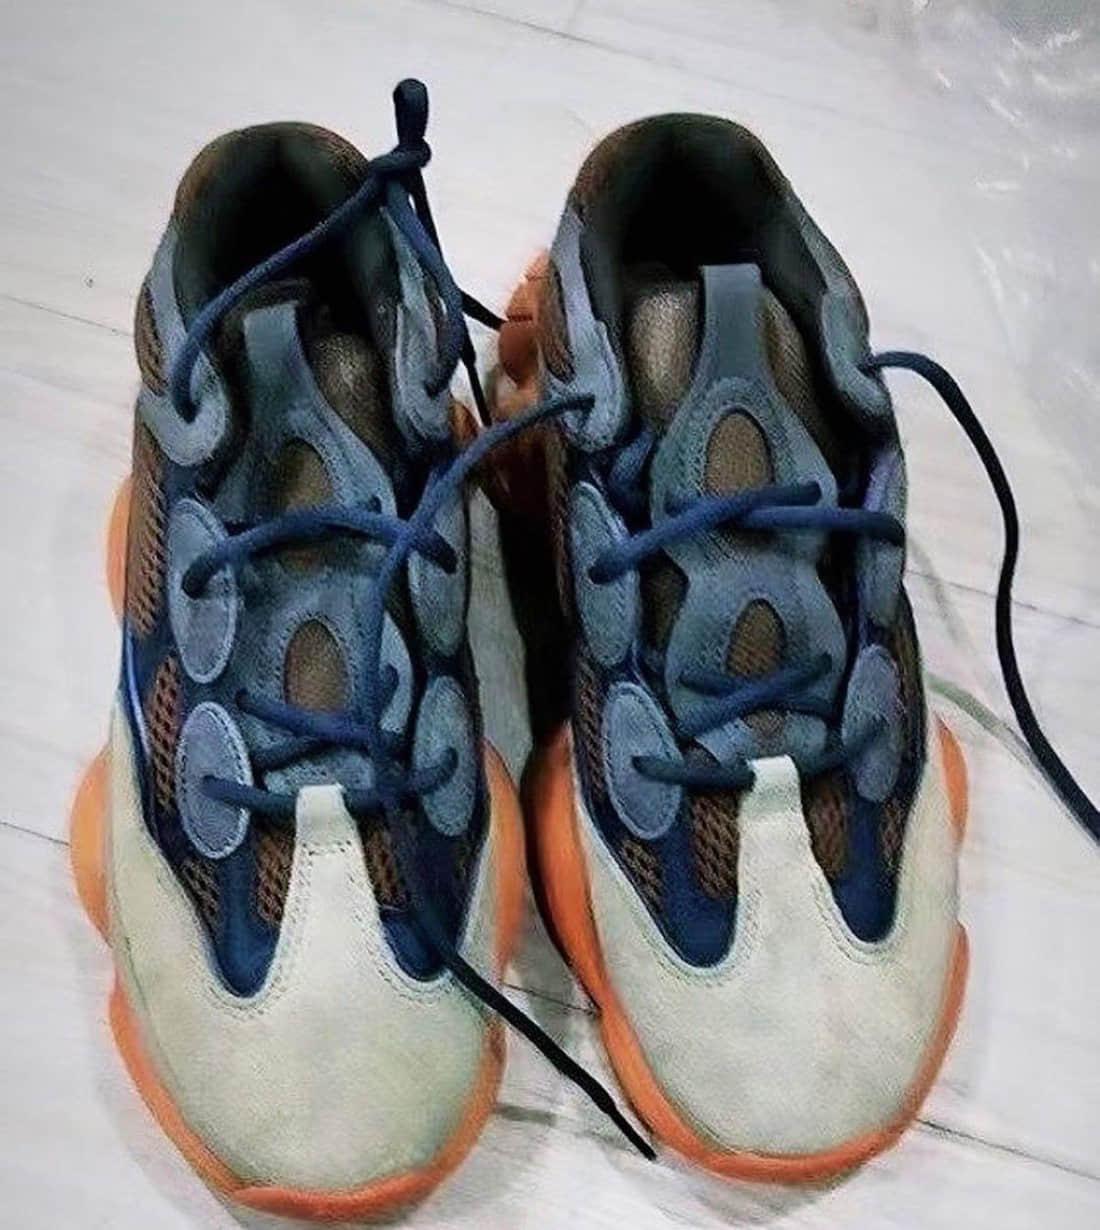 侃爷爱上赛博朋克风格了?Yeezy 500老爹鞋新配色你打几分?